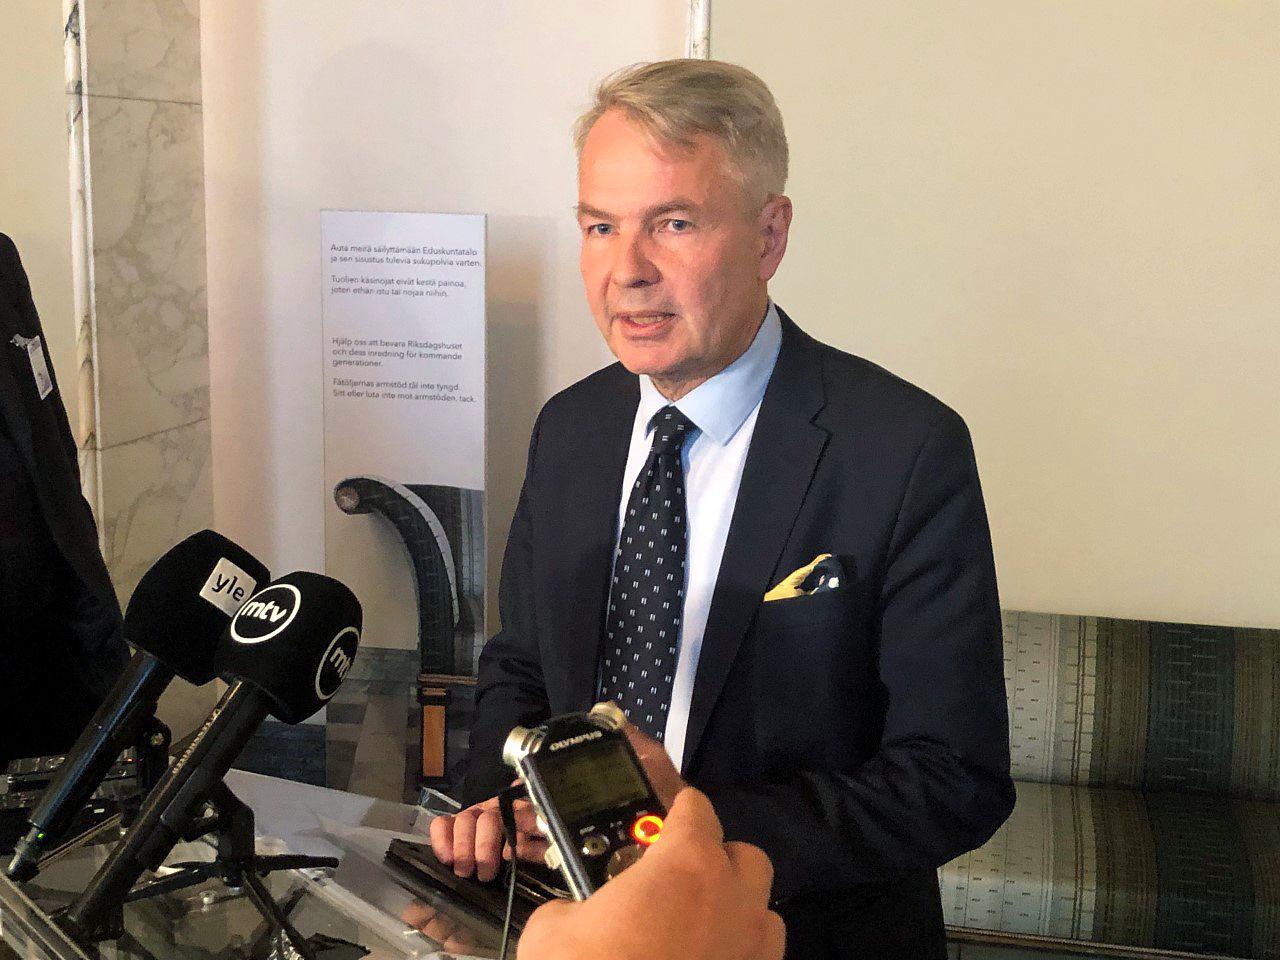 Ulkoministeri Pekka Haavisto (kuvassa) on antanut vaihtelevia selityksiä konsulipäällikkö Pasi Tuomisen kohtelusta al Hol -jupakassa.